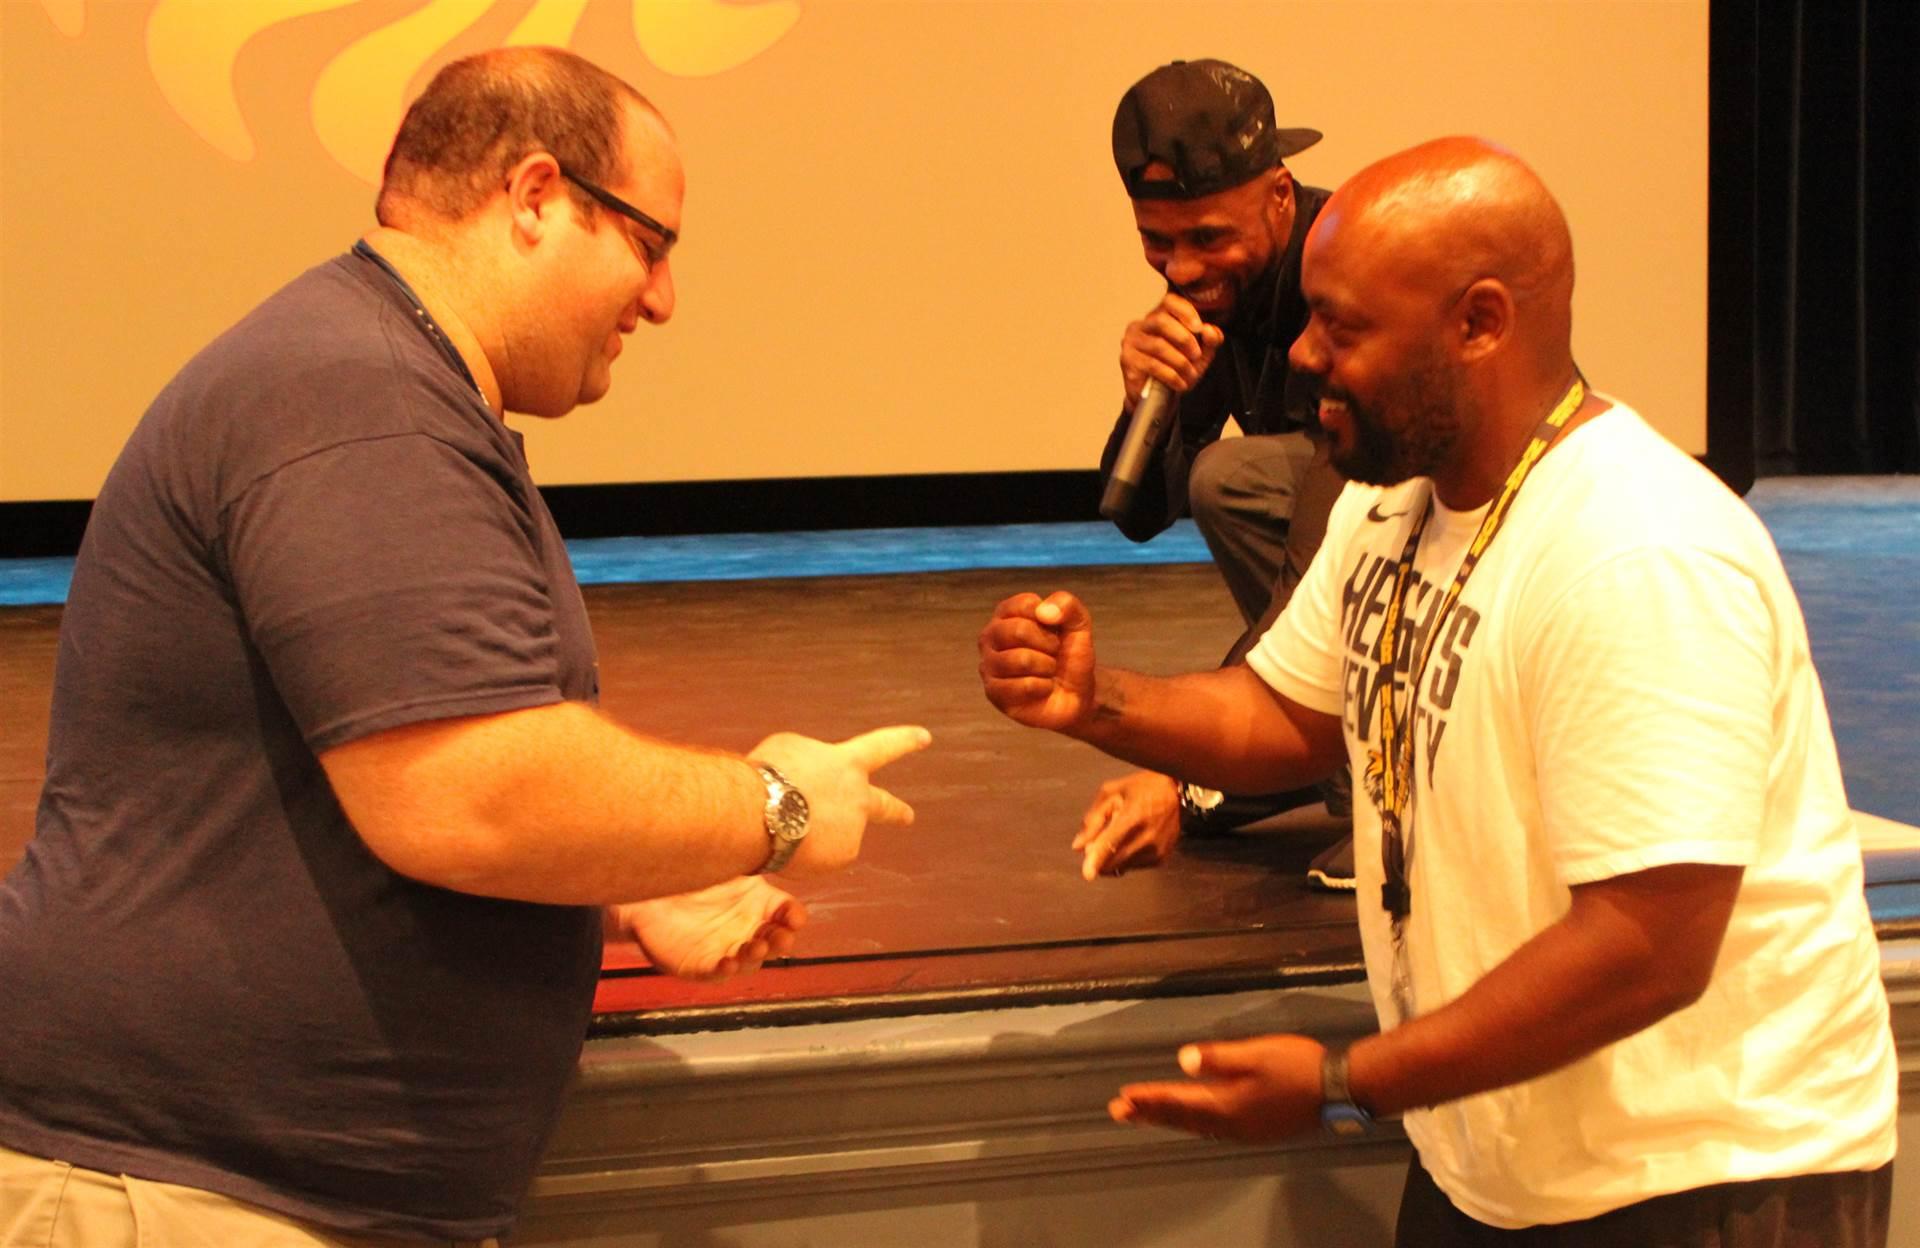 Rock-paper-scissors determines winner.